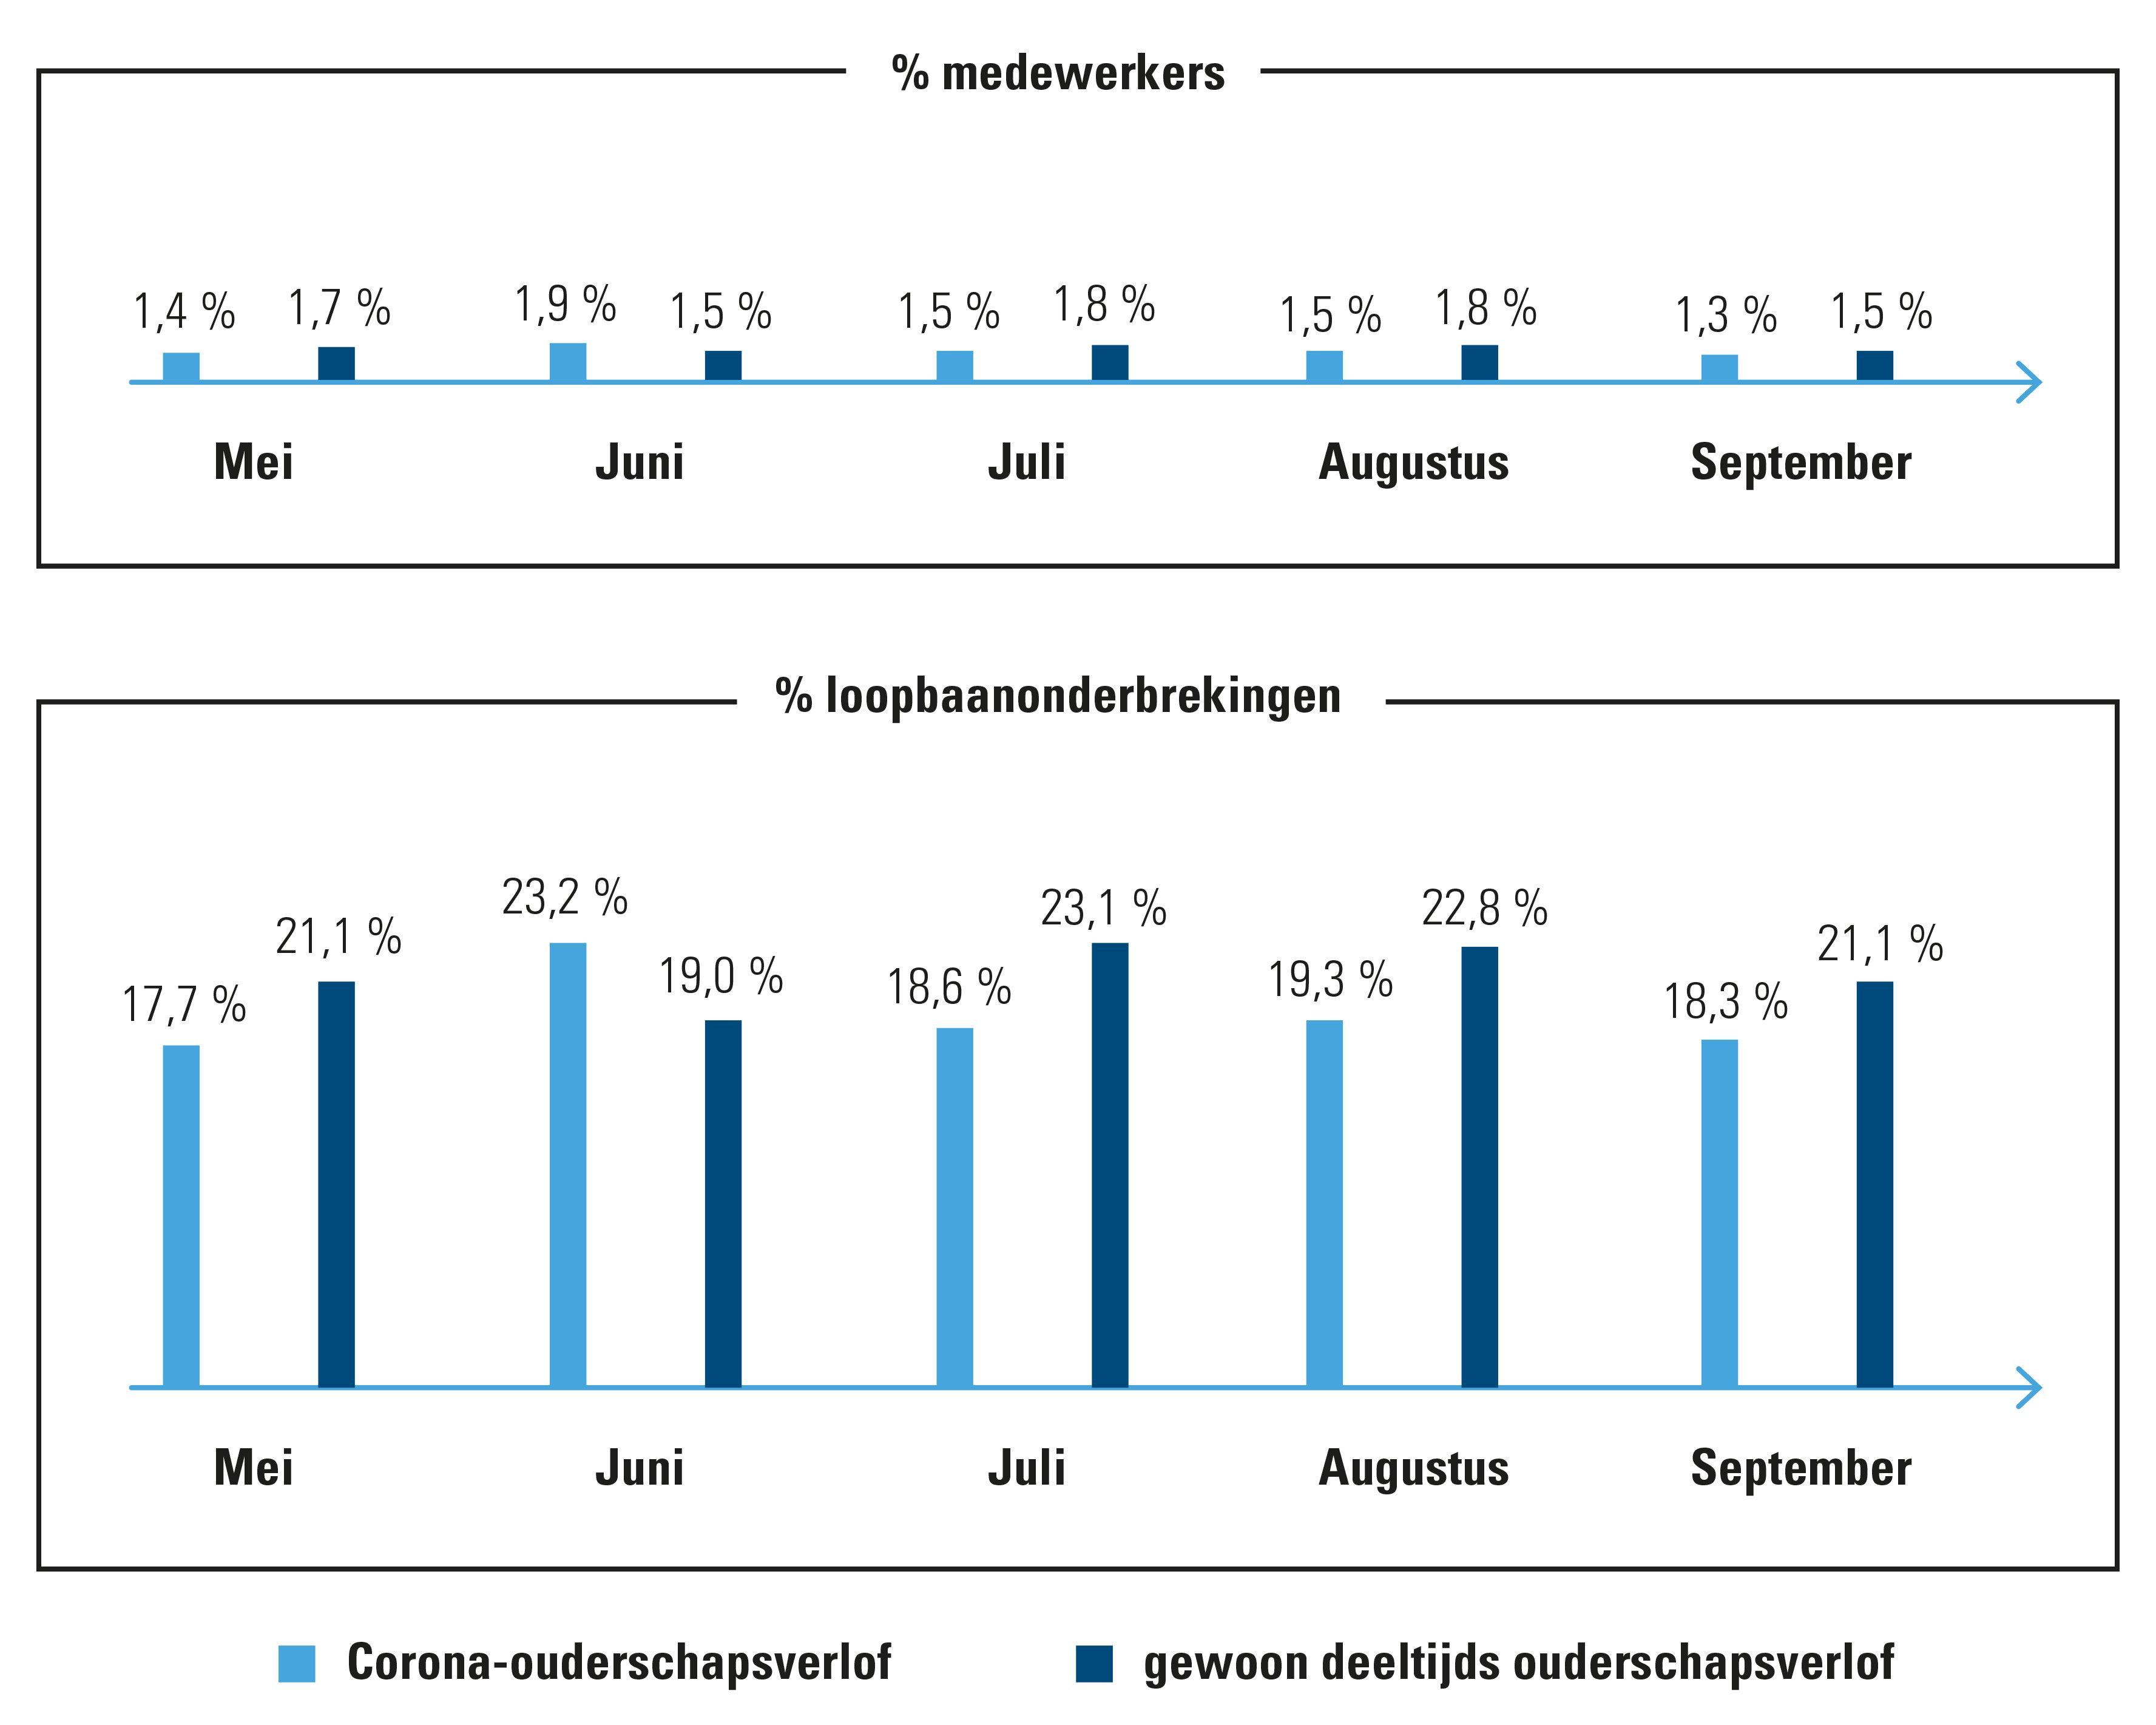 % medewerkers met corona- of gewoon deeltijds ouderschapsverlof en verhouding % corona- en ouderschapsverlof, 2020